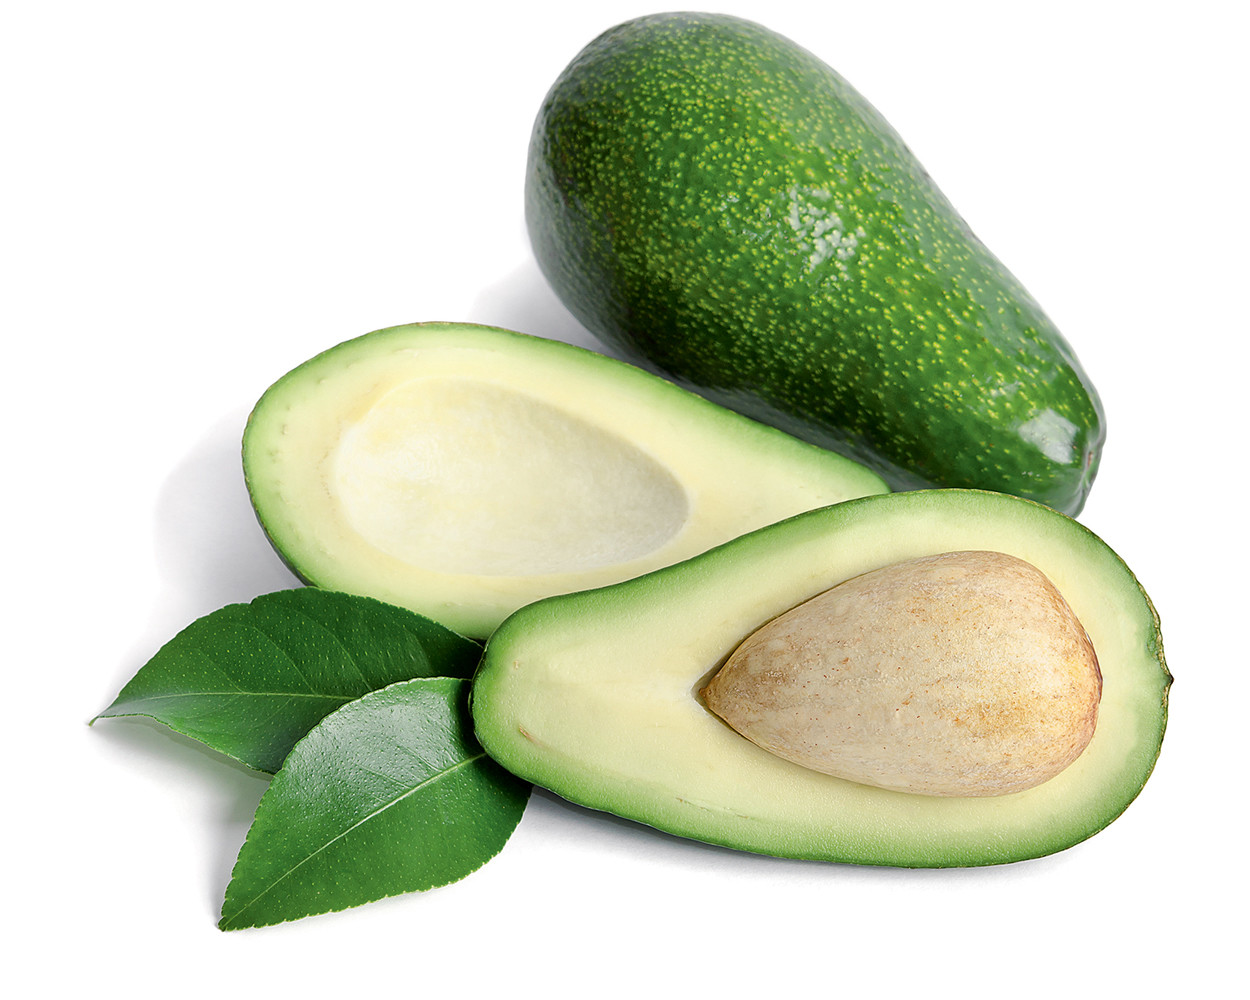 Самый питательный фрукт в мире: 4 удивительных свойства авокадо